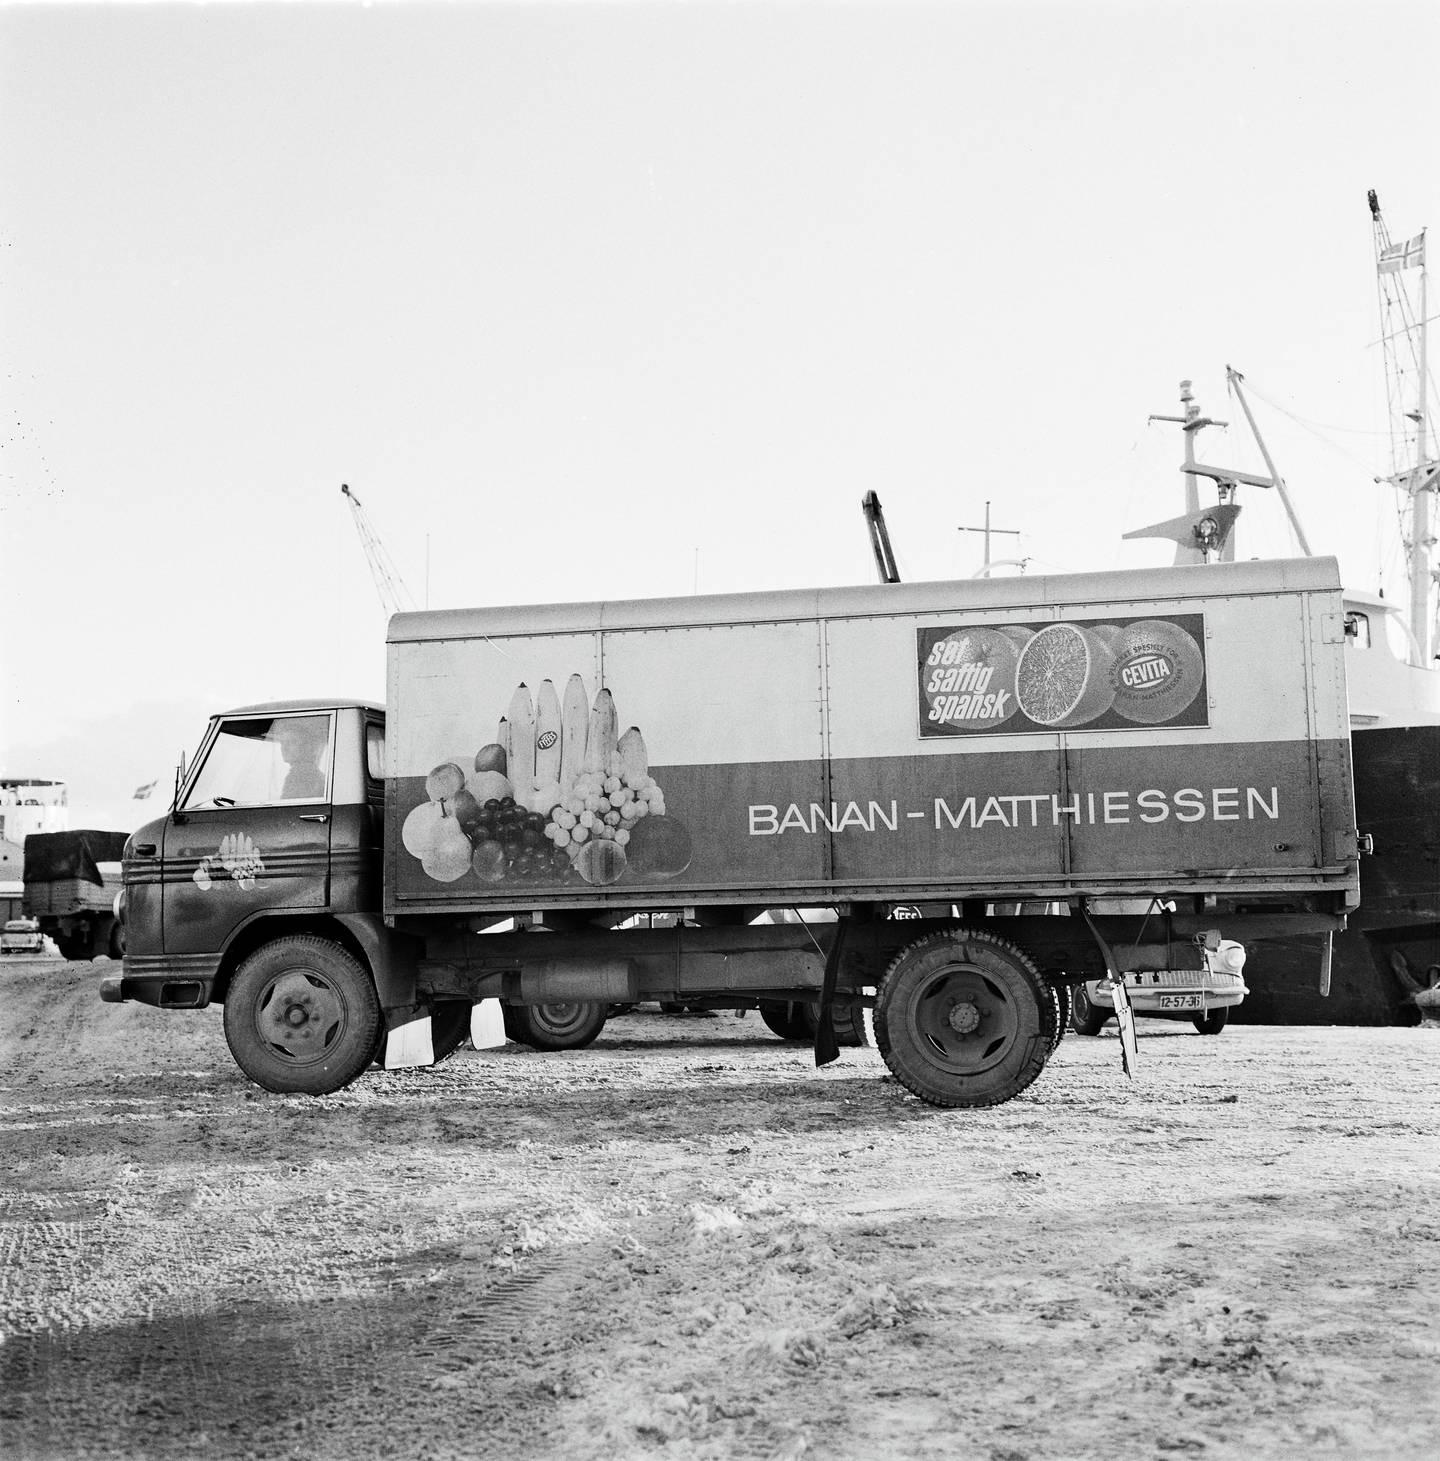 Banan-Matthiessens varebil i 1966.